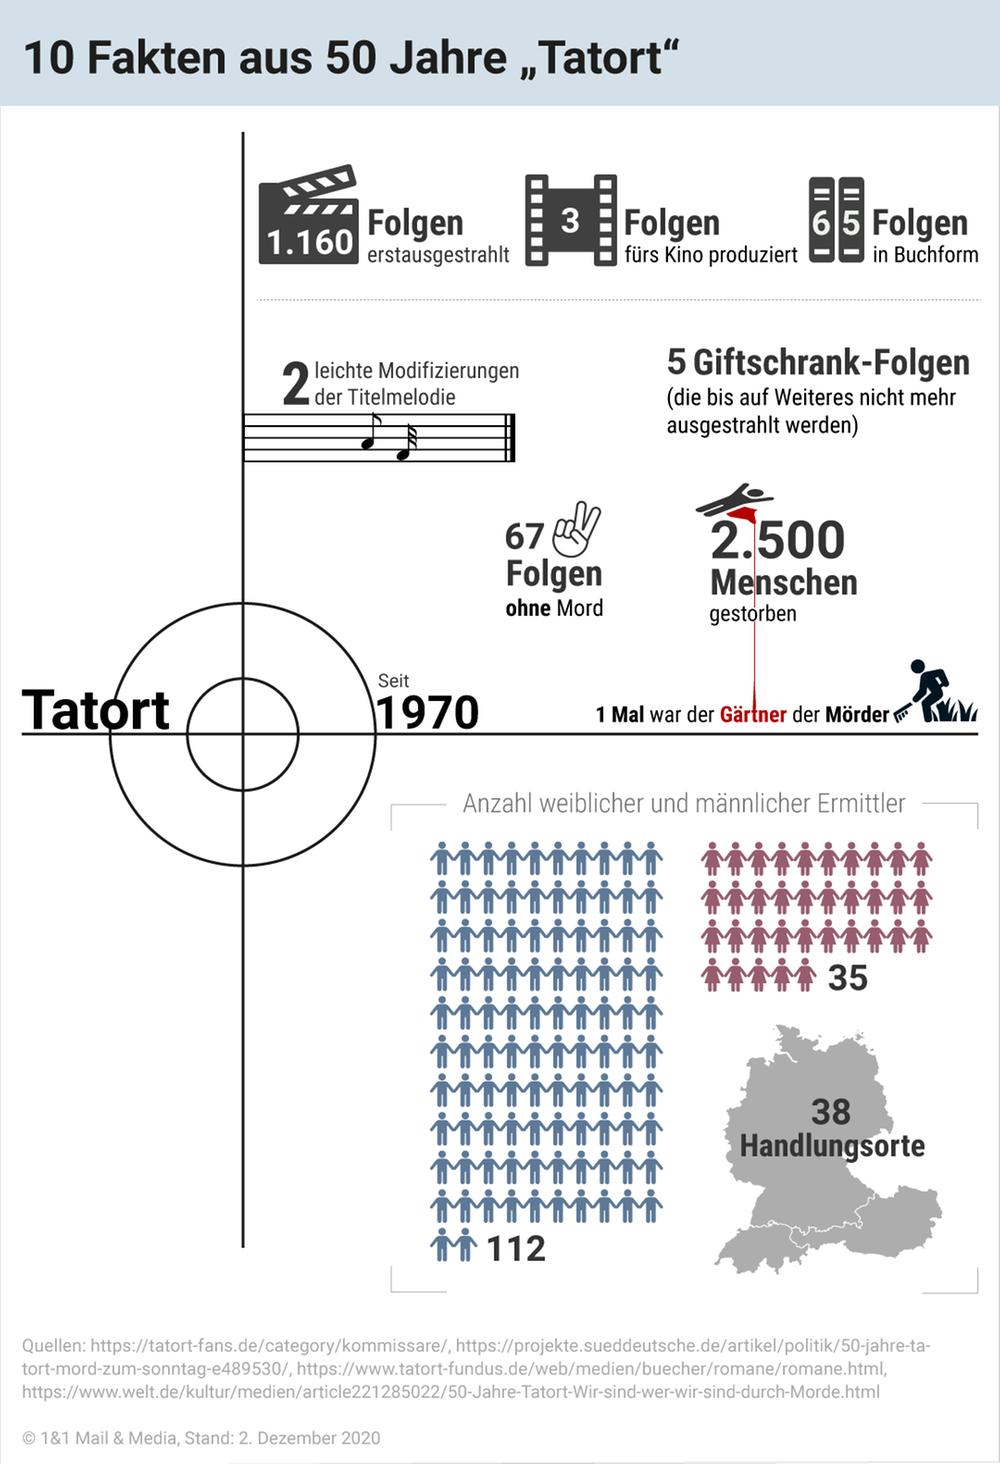 10 Fakten aus 50 Jahre Tatort